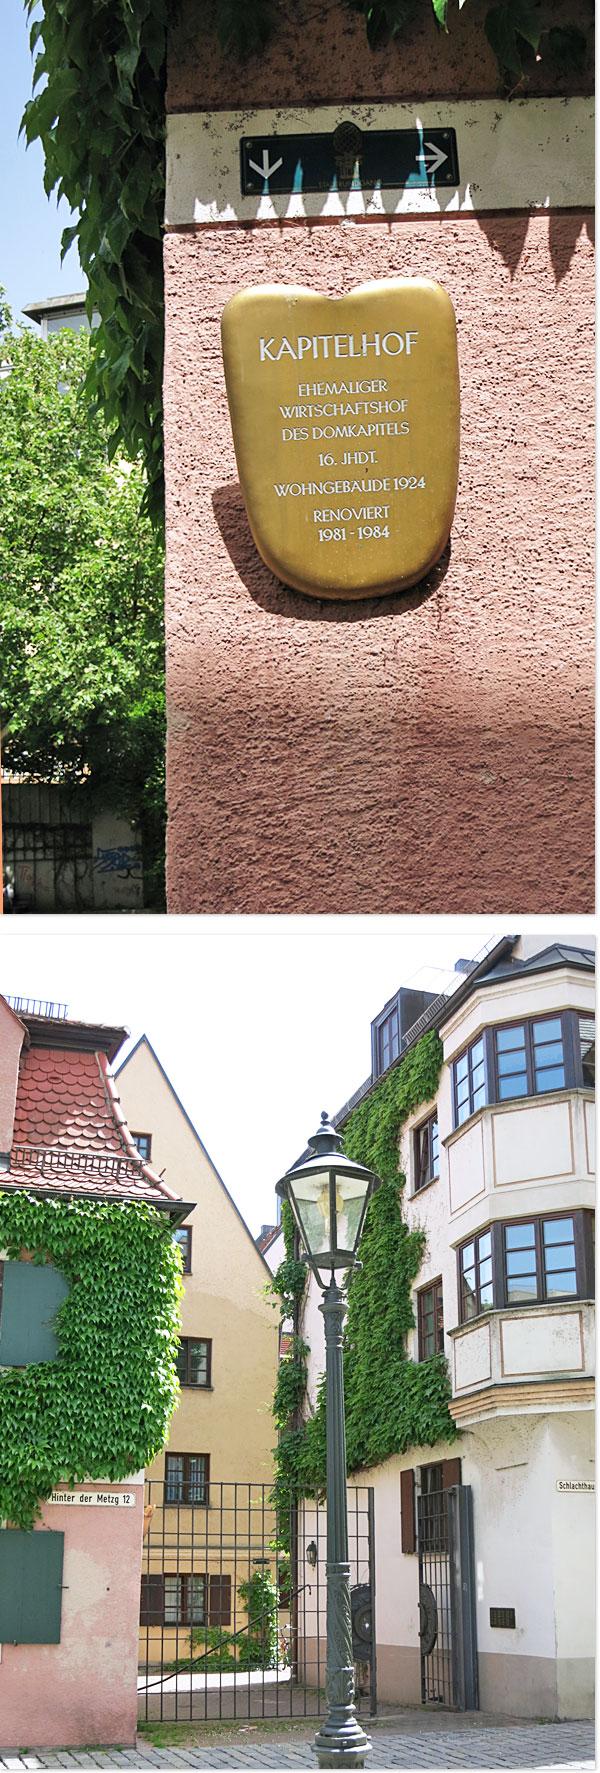 Bye bye Augsburg - Spaziergang durch die Stadt